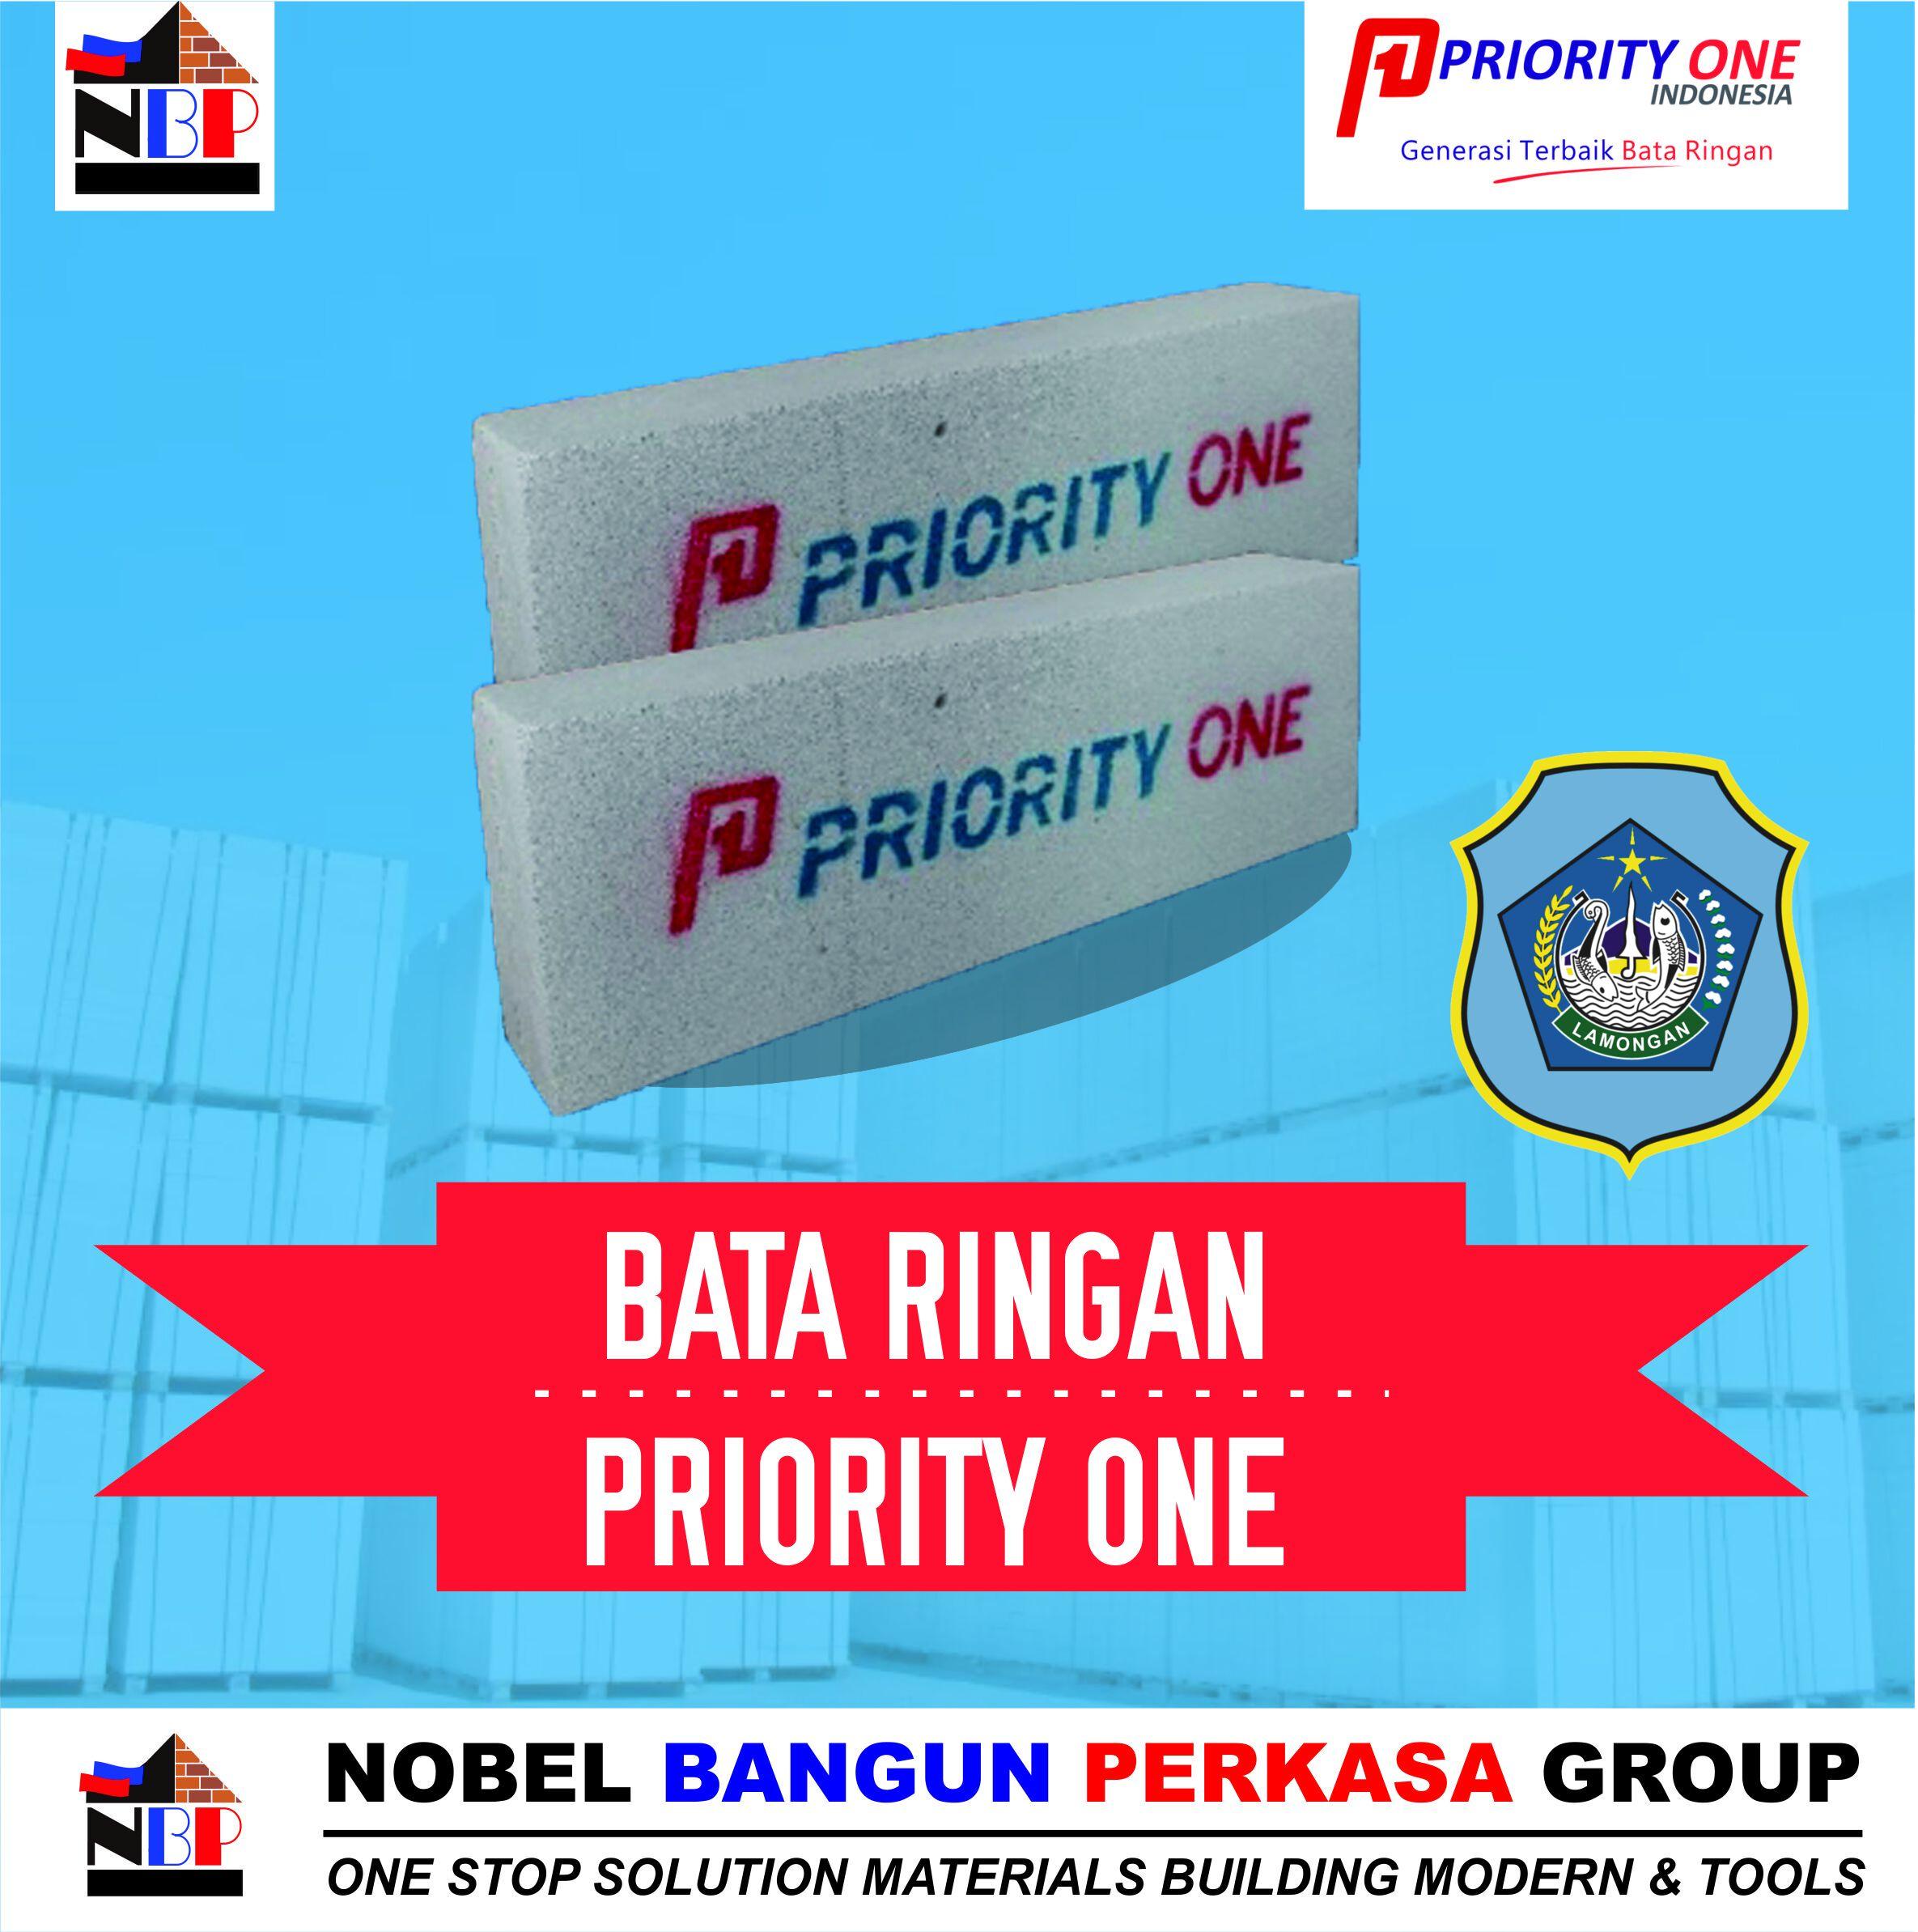 bata ringan priority one lamongan